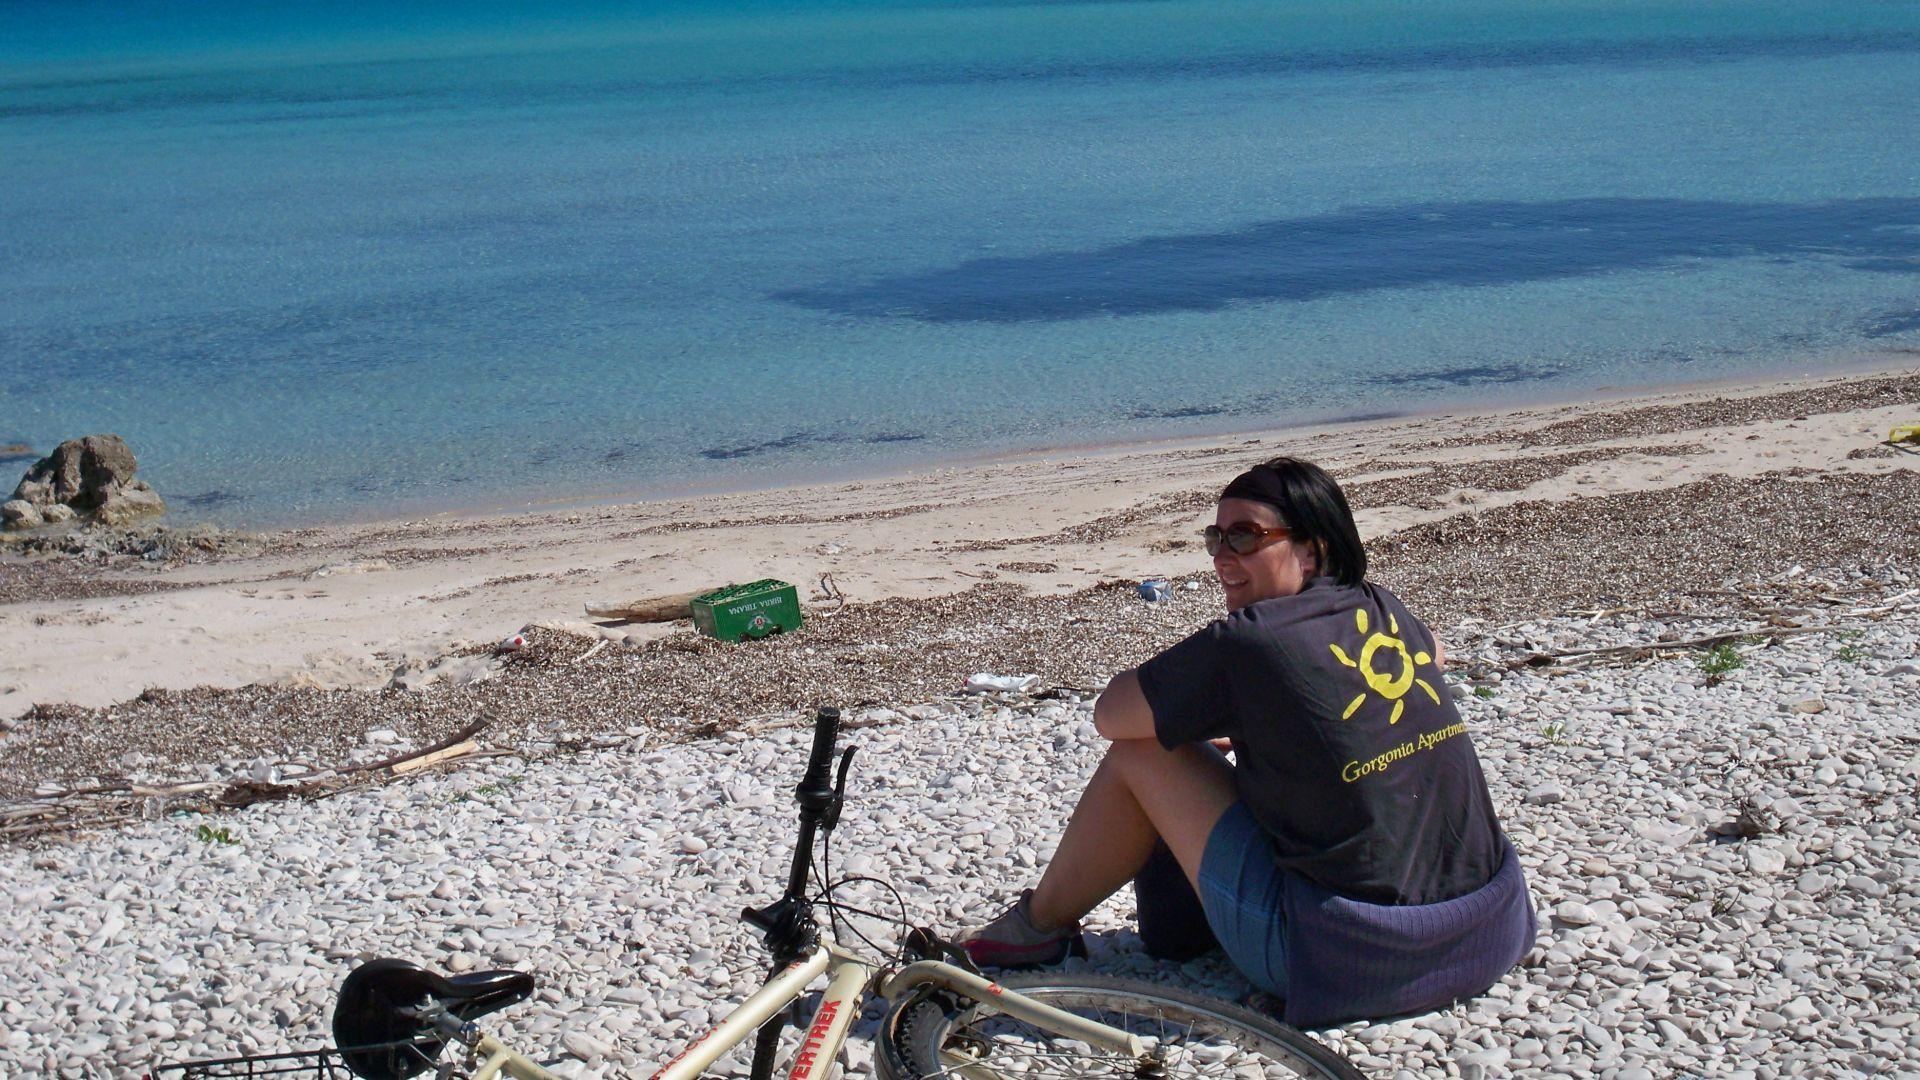 biking-dugi-otok-croatia (4)